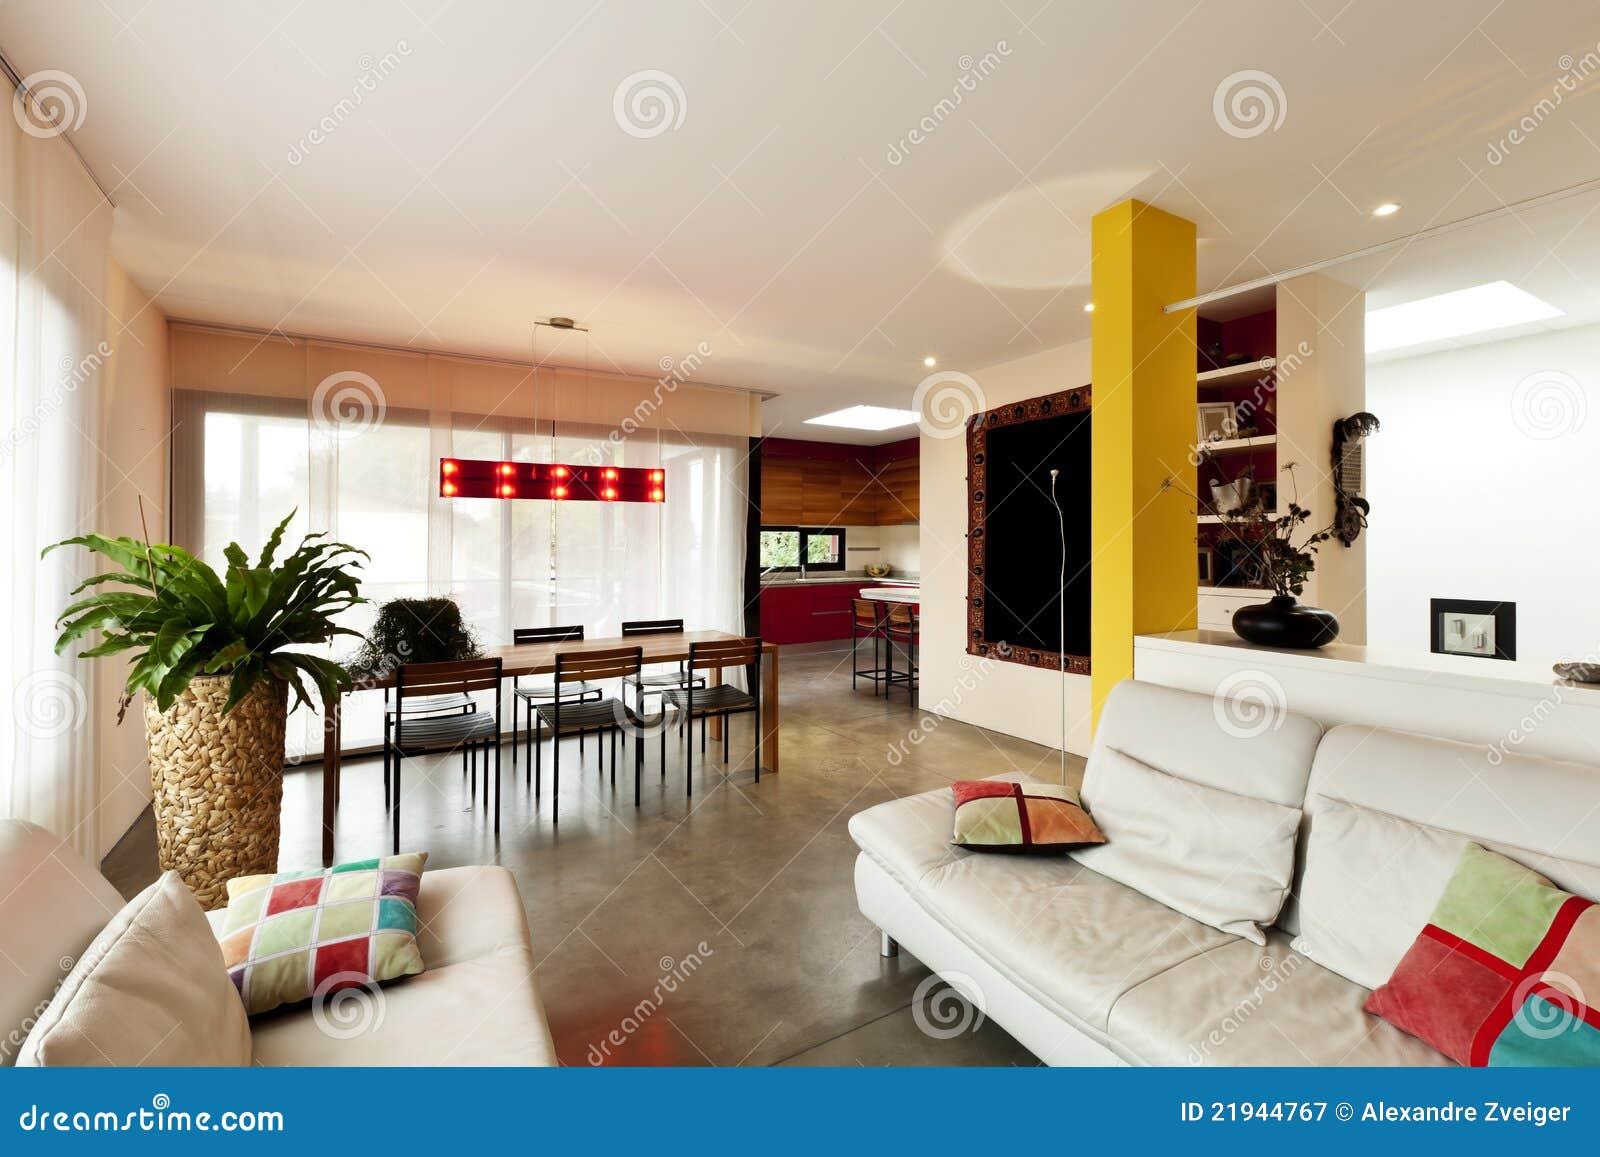 Schon Download Moderne Wohnung, Wohnzimmer Stockbild   Bild Von Stuhl, Behausung:  21944767